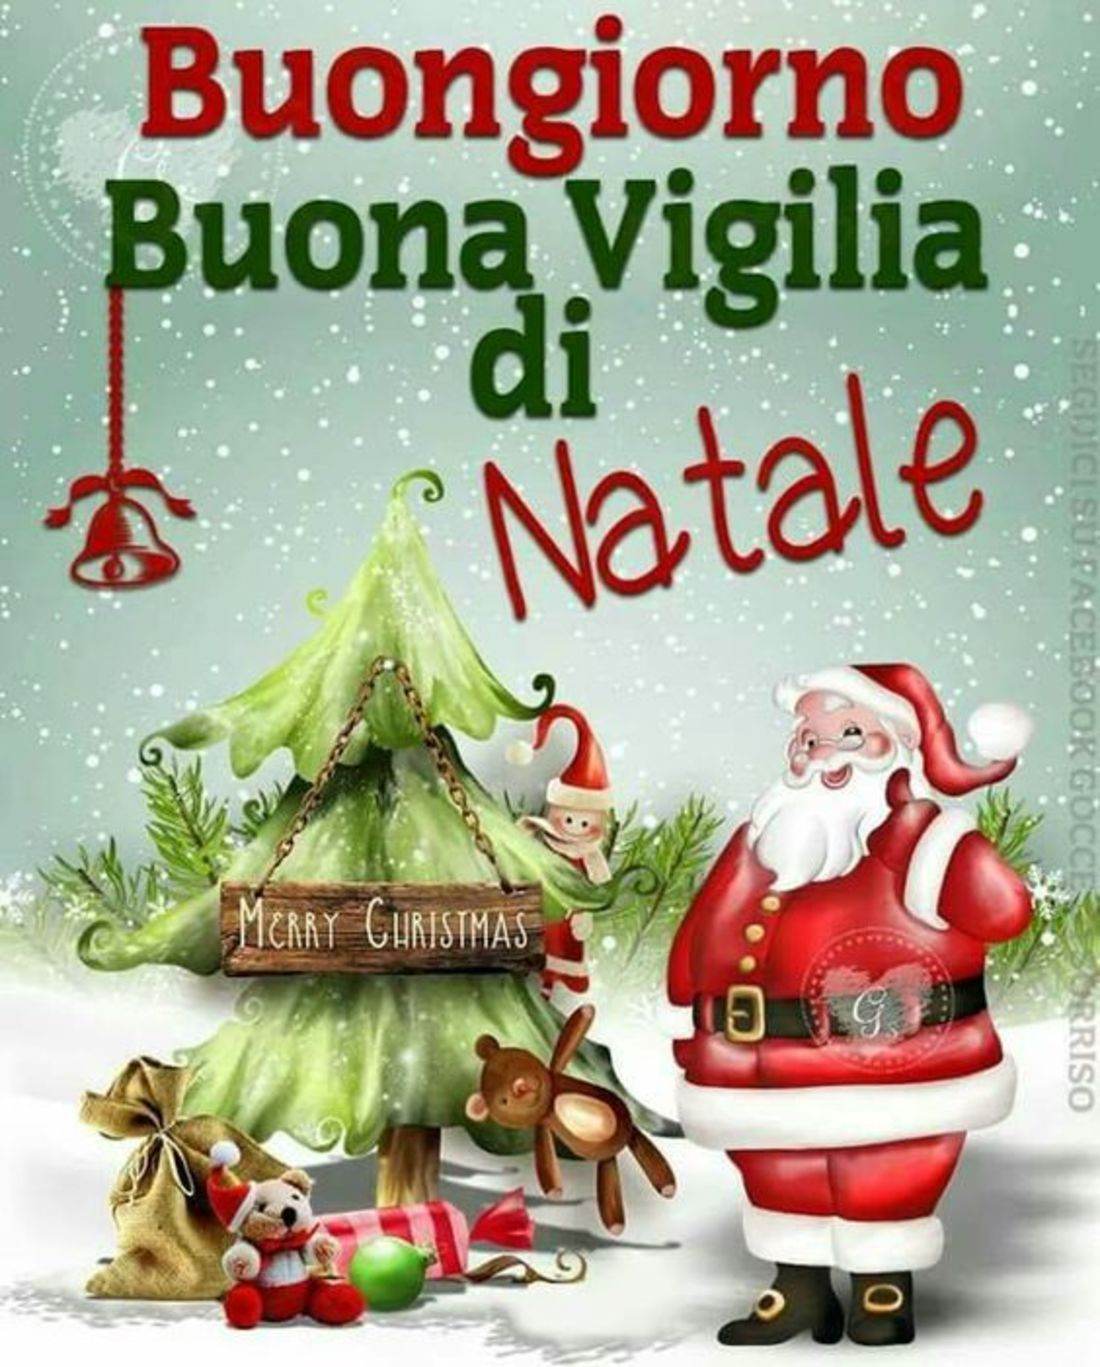 Frasi Vigilia Natale.Buona Vigilia Di Natale 24 Dicembre Whatsapp 4 Frasi Belle